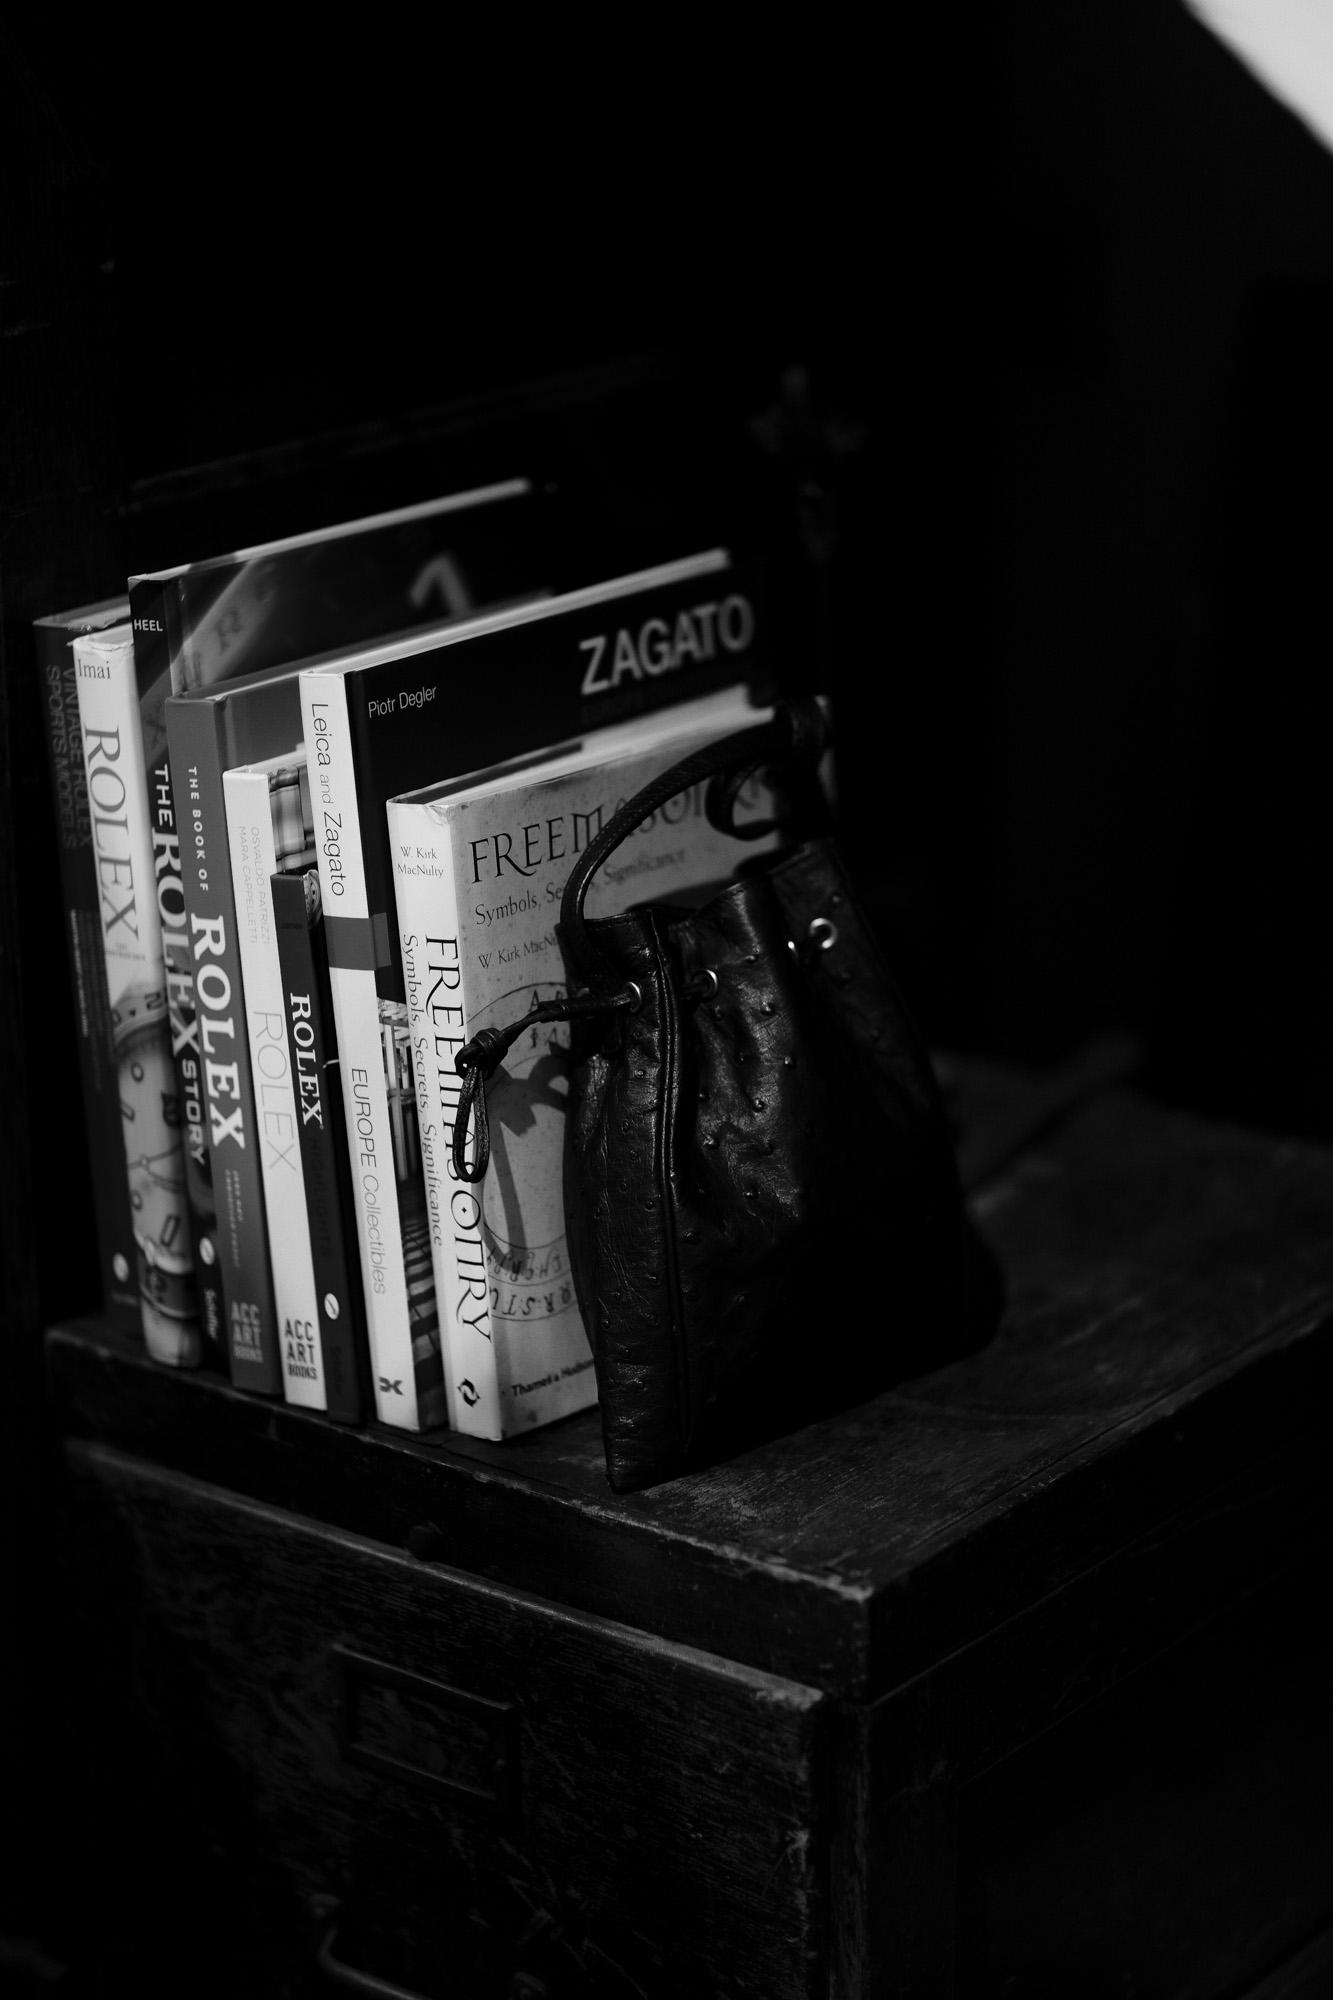 cuervo bopoha (クエルボ ヴァローナ) FLOYD (フロイド) Ostrich Leather (オーストリッチレザー) レザードローストリングバック 巾着 BLACK (ブラック) Made in Japan (日本製) 2020秋冬【Special Model】 愛知 名古屋 altoediritto アルトエデリット レザーバック スモールバック エキゾチックレザー